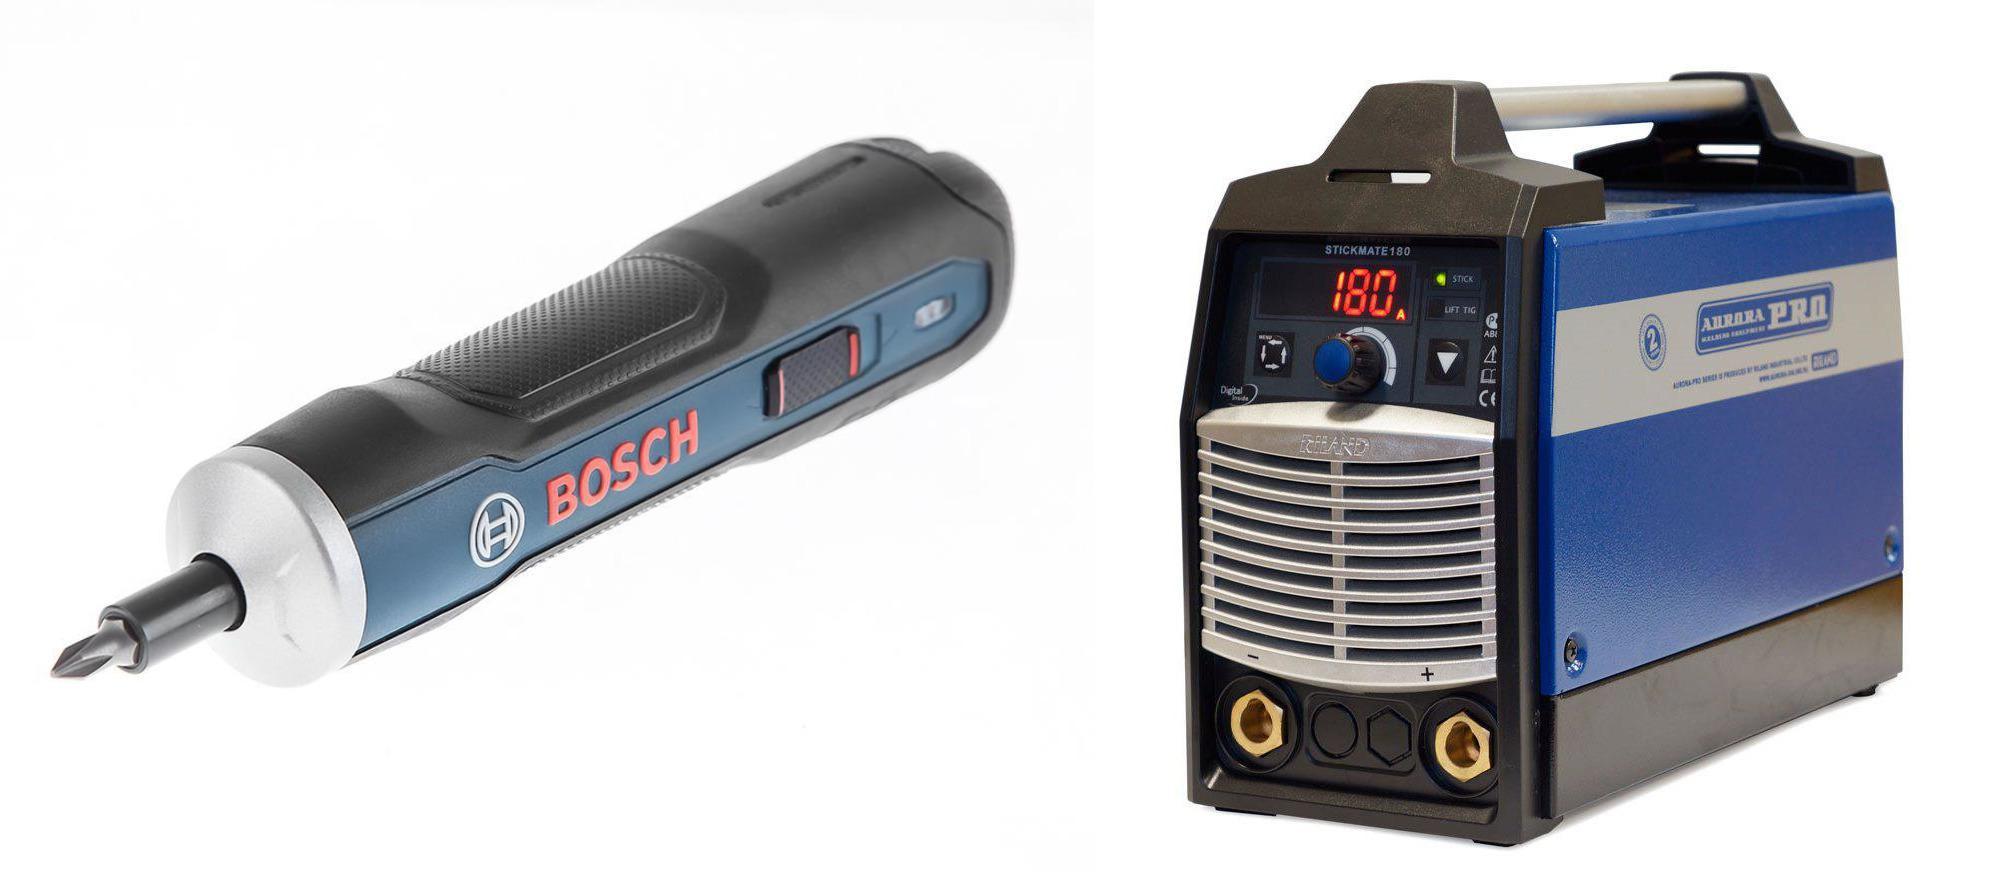 Набор Aurora pro Сварочный аппарат stickmate 180 +Отвертка аккумуляторная go kit 0.601.9h2.021